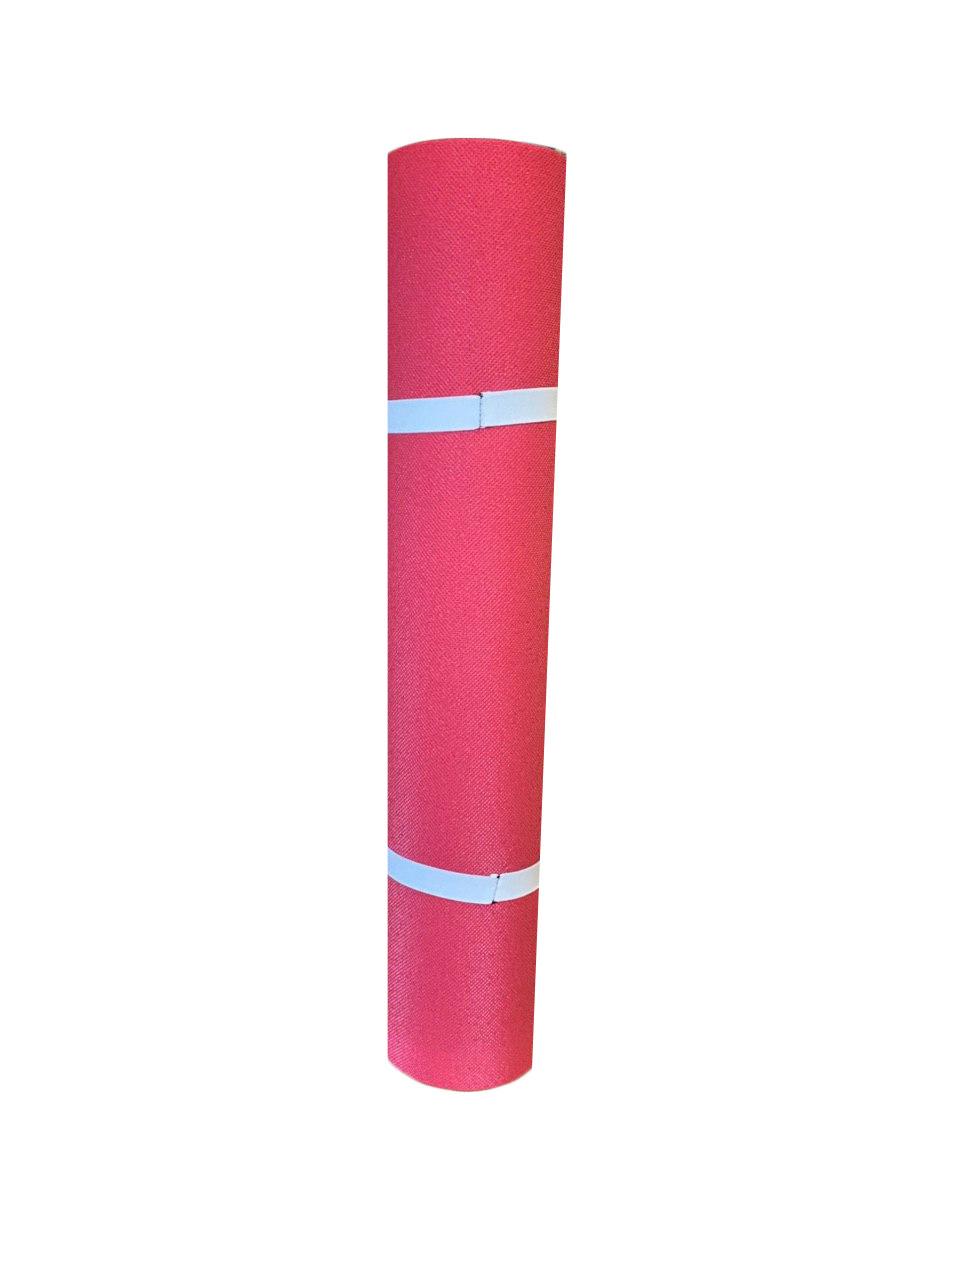 Килимок для фітнесу і йоги, червоний, т. 8 мм, розмір 60х150 см, виробник Україна, TERMOIZOL®